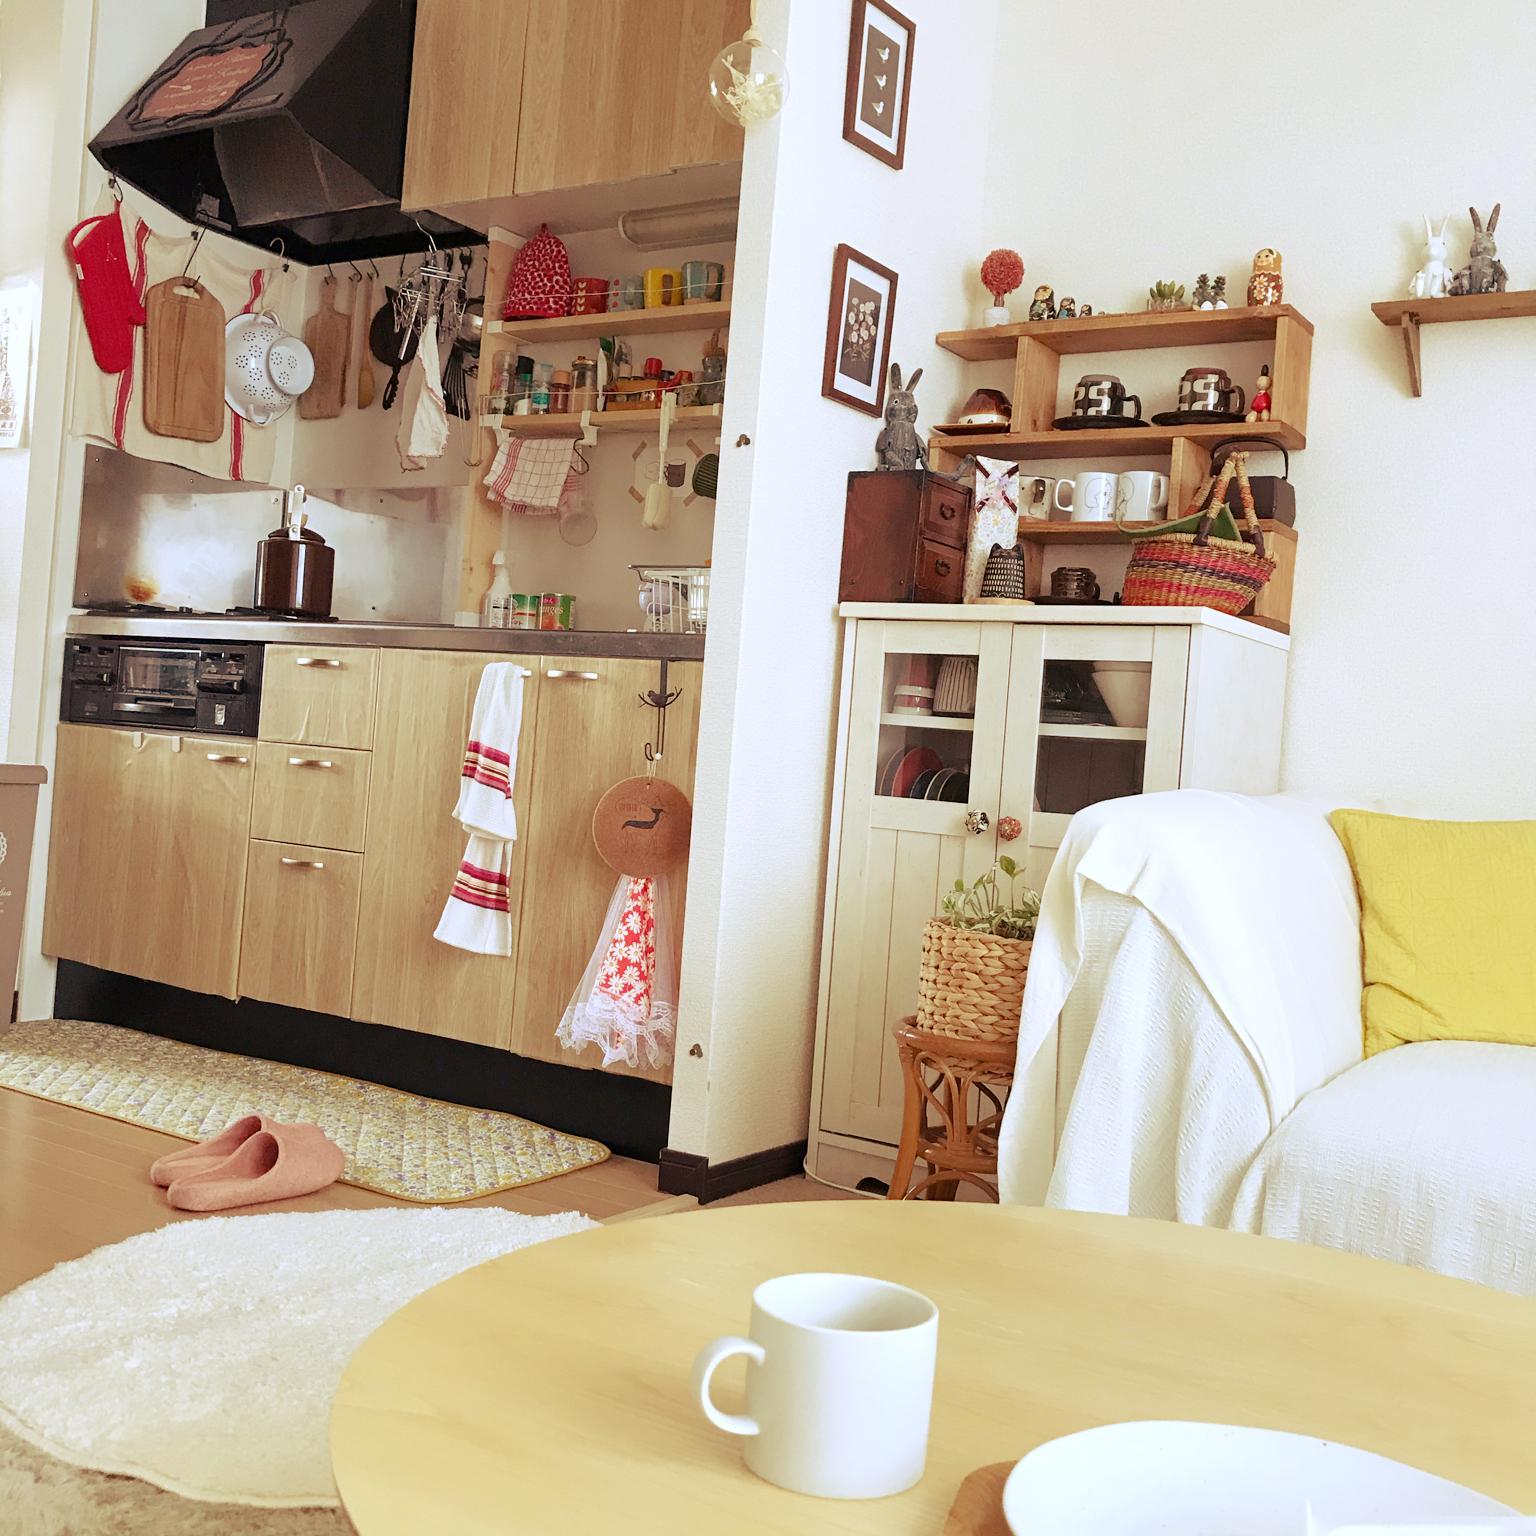 ポストカードディスプレイ/掛ける収納/狭いキッチン/賃貸でも楽しく♪/ふたり暮らし...などのインテリア実例 - 2021-04-23 08:52:19